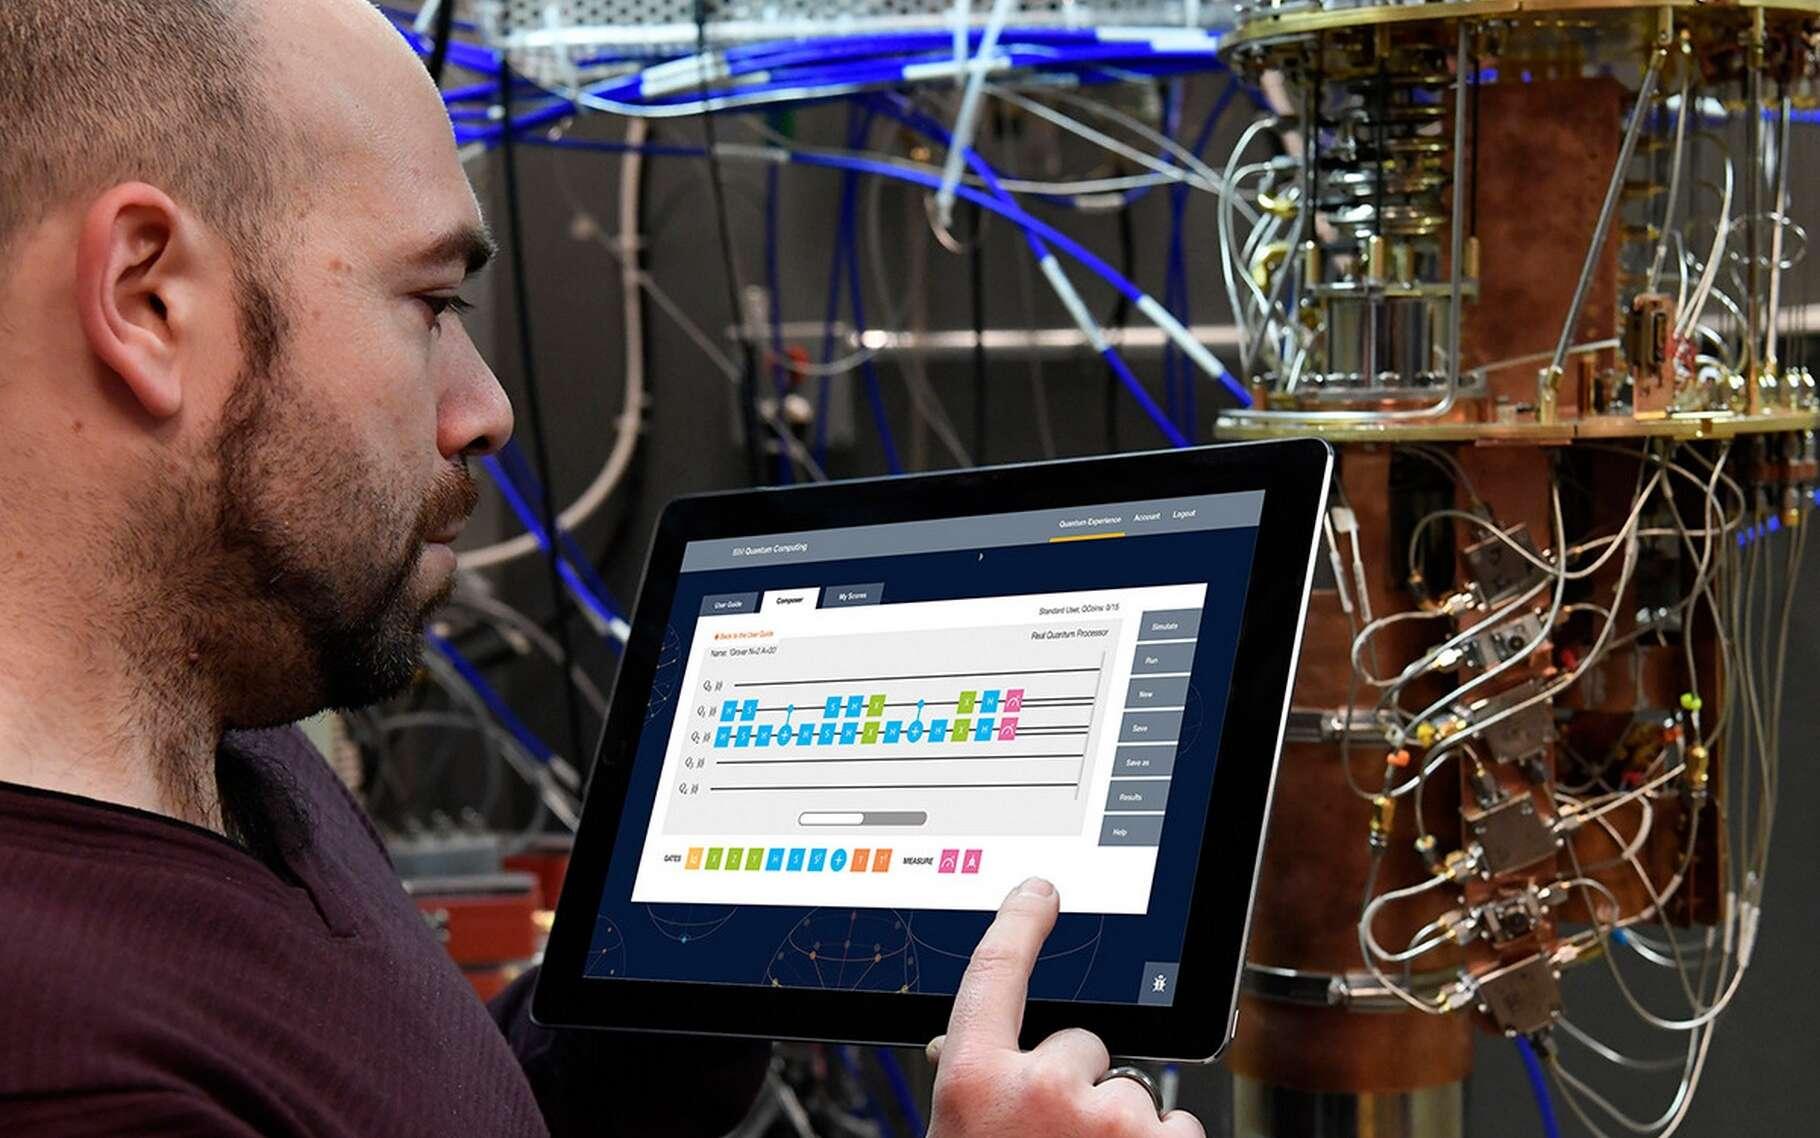 En créant une plateforme en ligne d'accès à l'un de ses processeurs quantiques, IBM espère à la fois faire découvrir cette technologie mais aussi progresser dans la découverte de nouvelles applications grâce aux contributions extérieures. © IBM Research